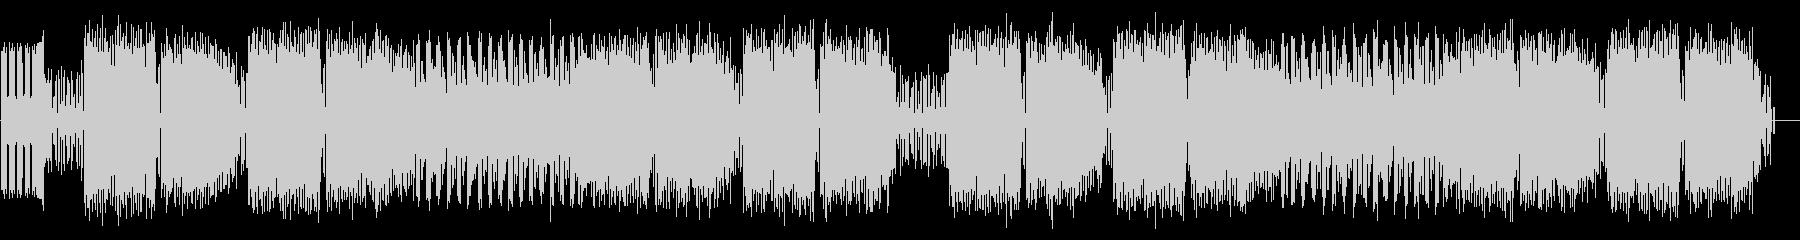 ファミコン音源を用いた戦闘BGMの未再生の波形